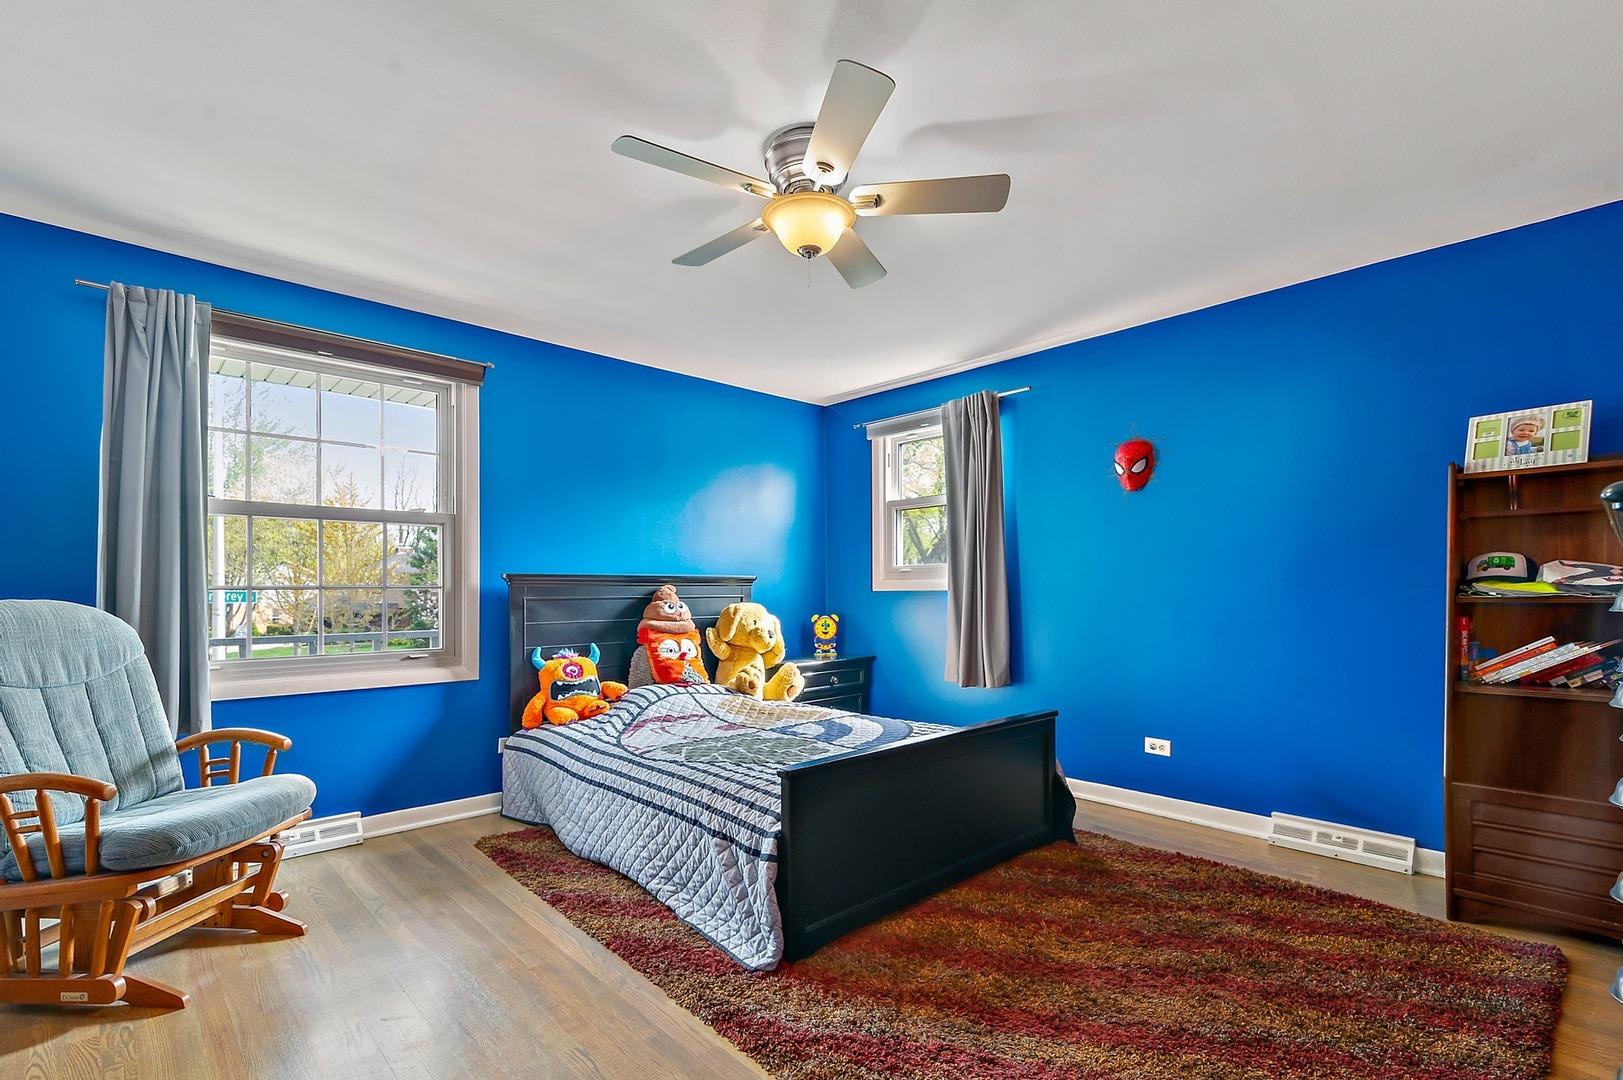 517 Monterey ,Palatine, Illinois 60074